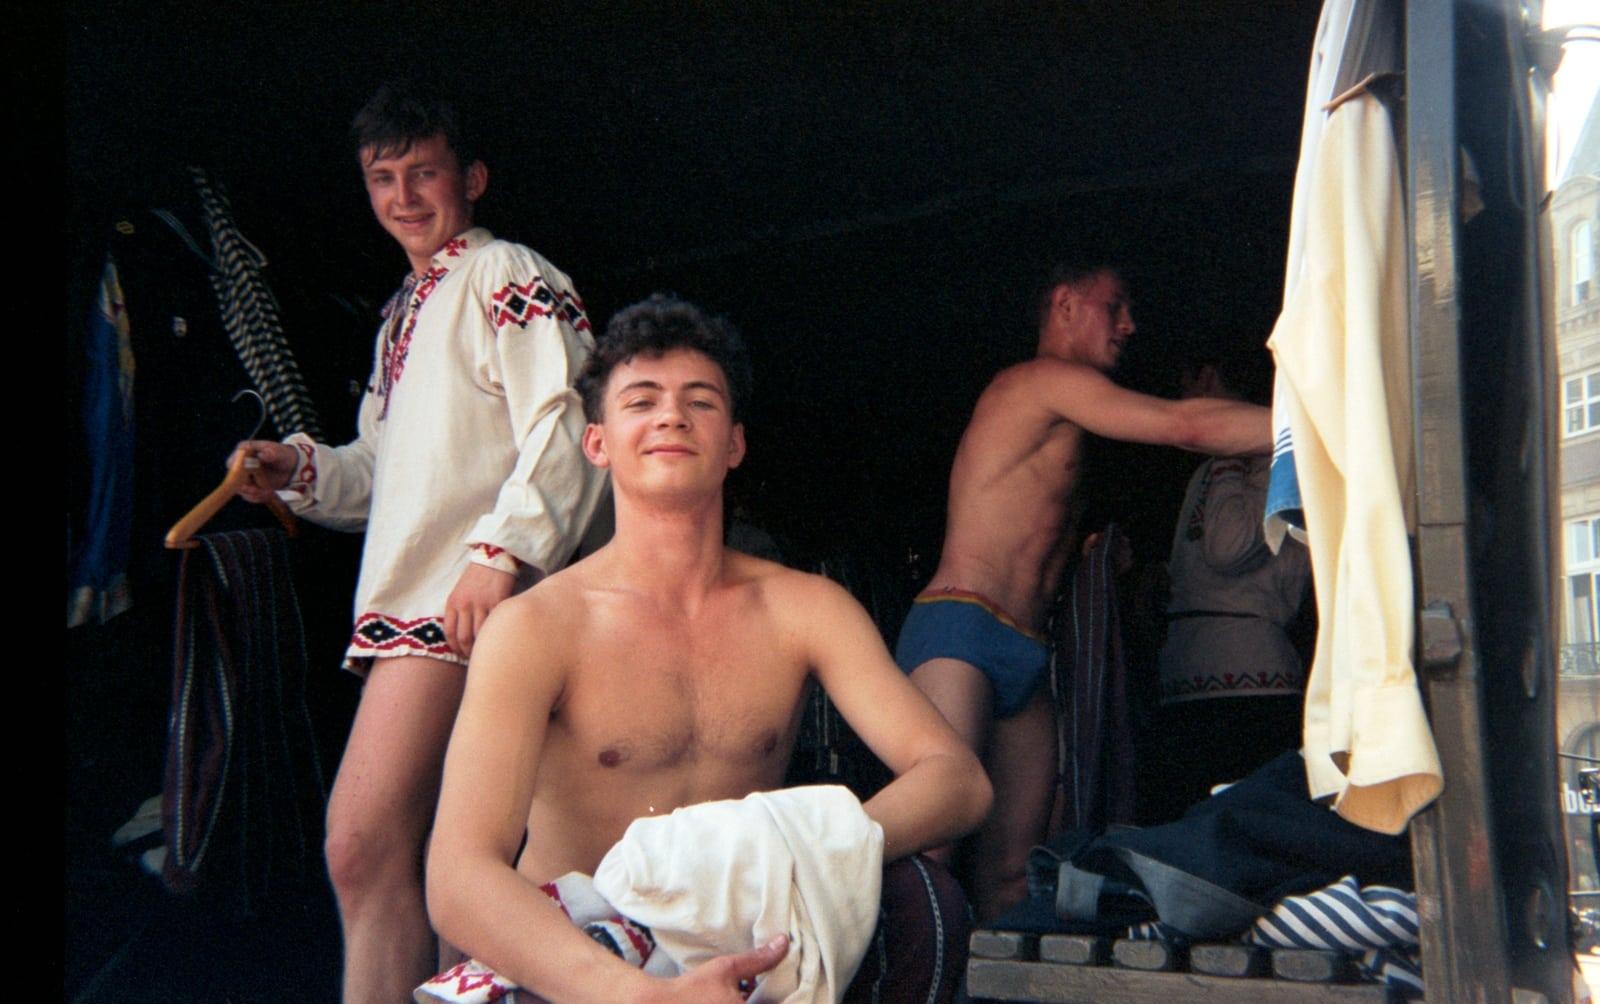 foto van Willy Jolly van drie matrozen die aan het omkleden zijn in een bus